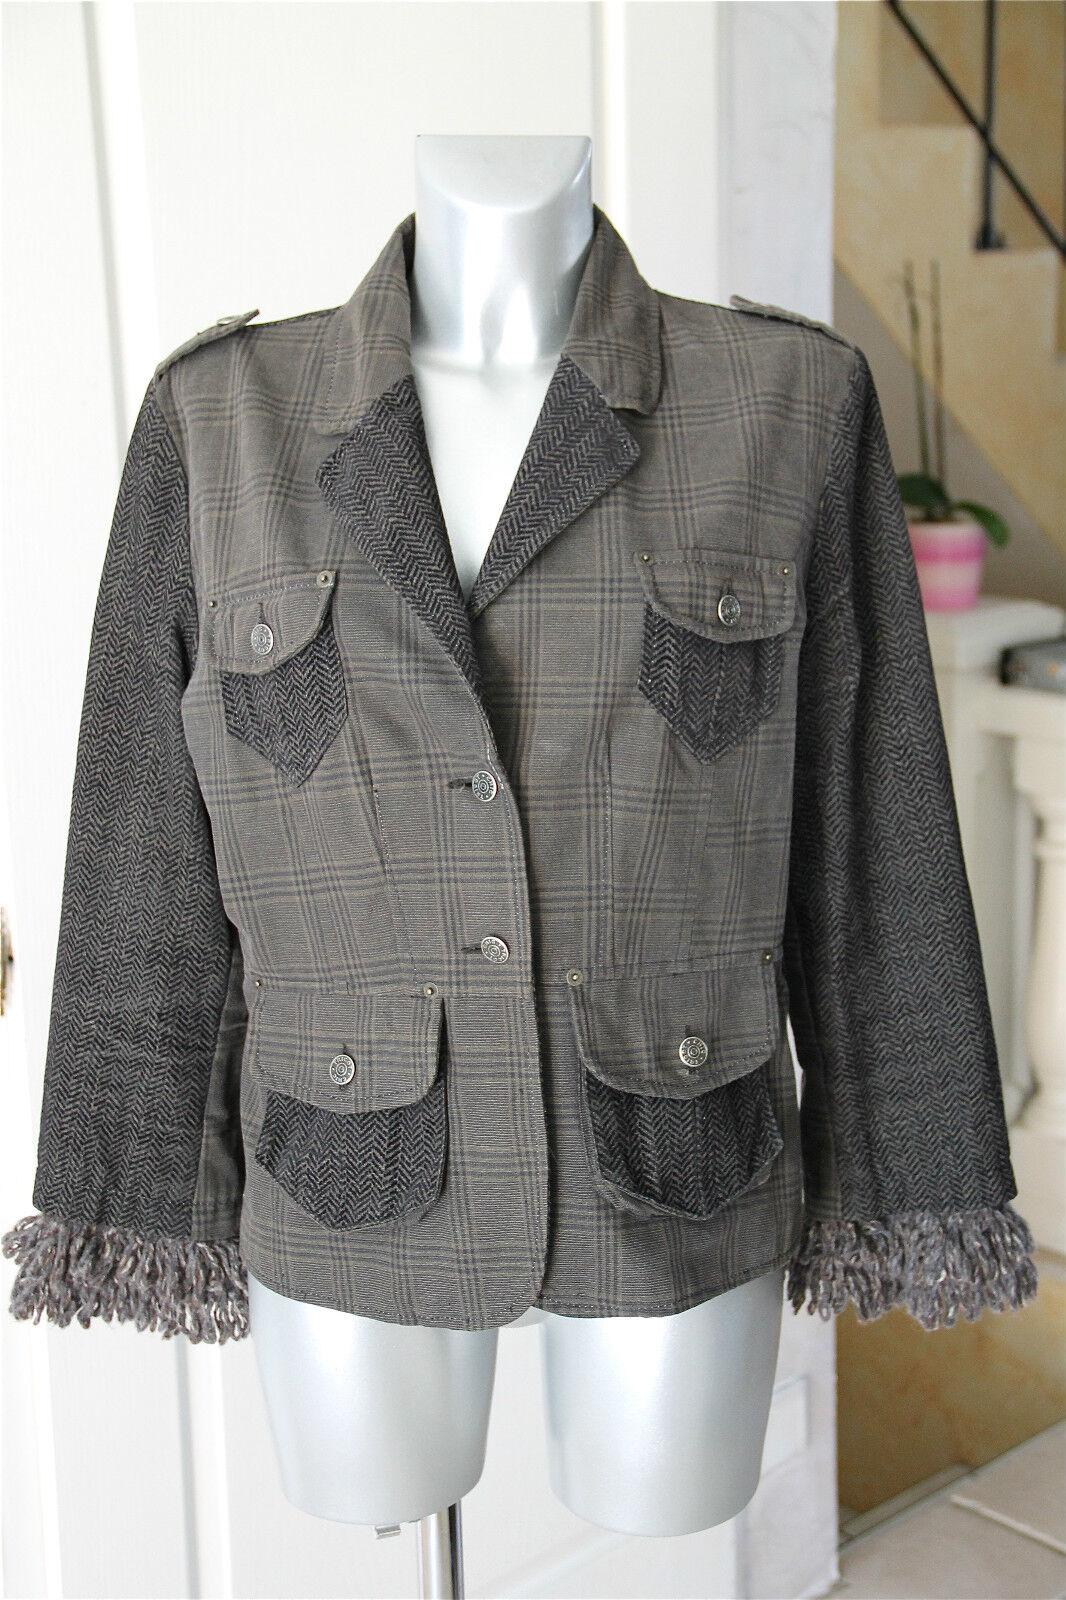 Carino giacca inverno di lana LAVORATO A MAGLIA ELEGANTE taglia 44 valore